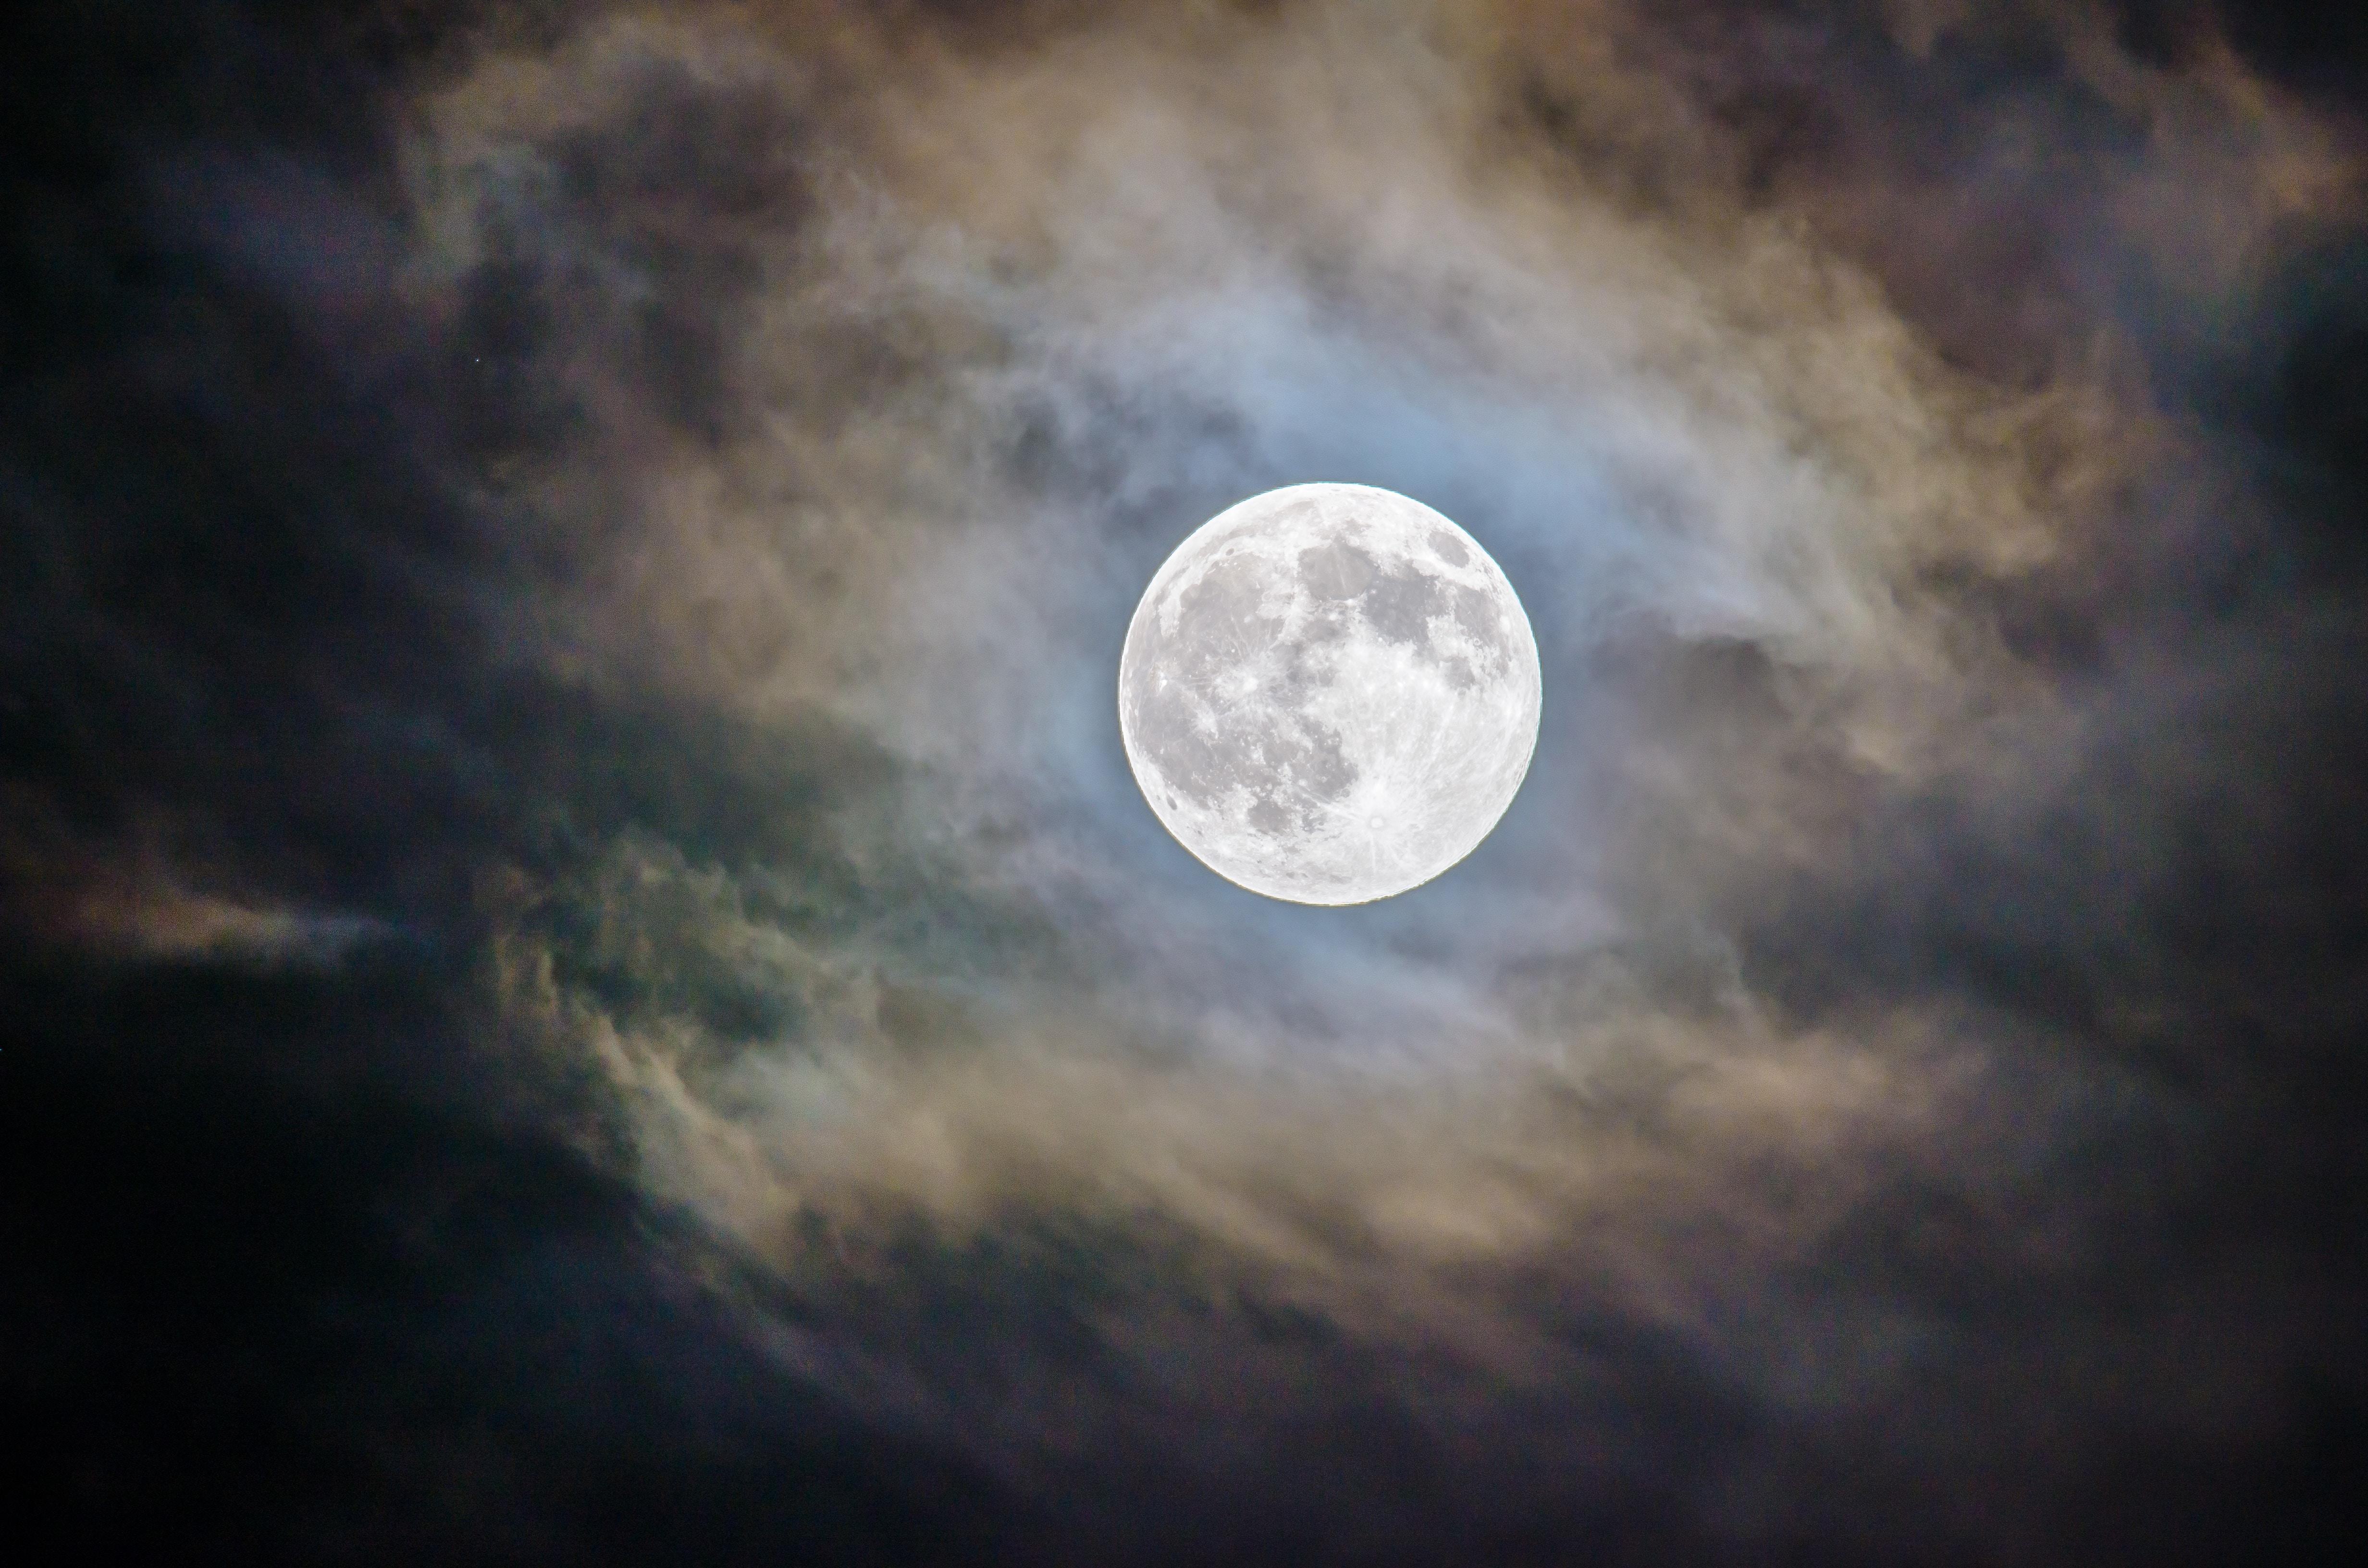 Mitos & Lendas: a caminhada à lua cheia que termina com uma poção mágica